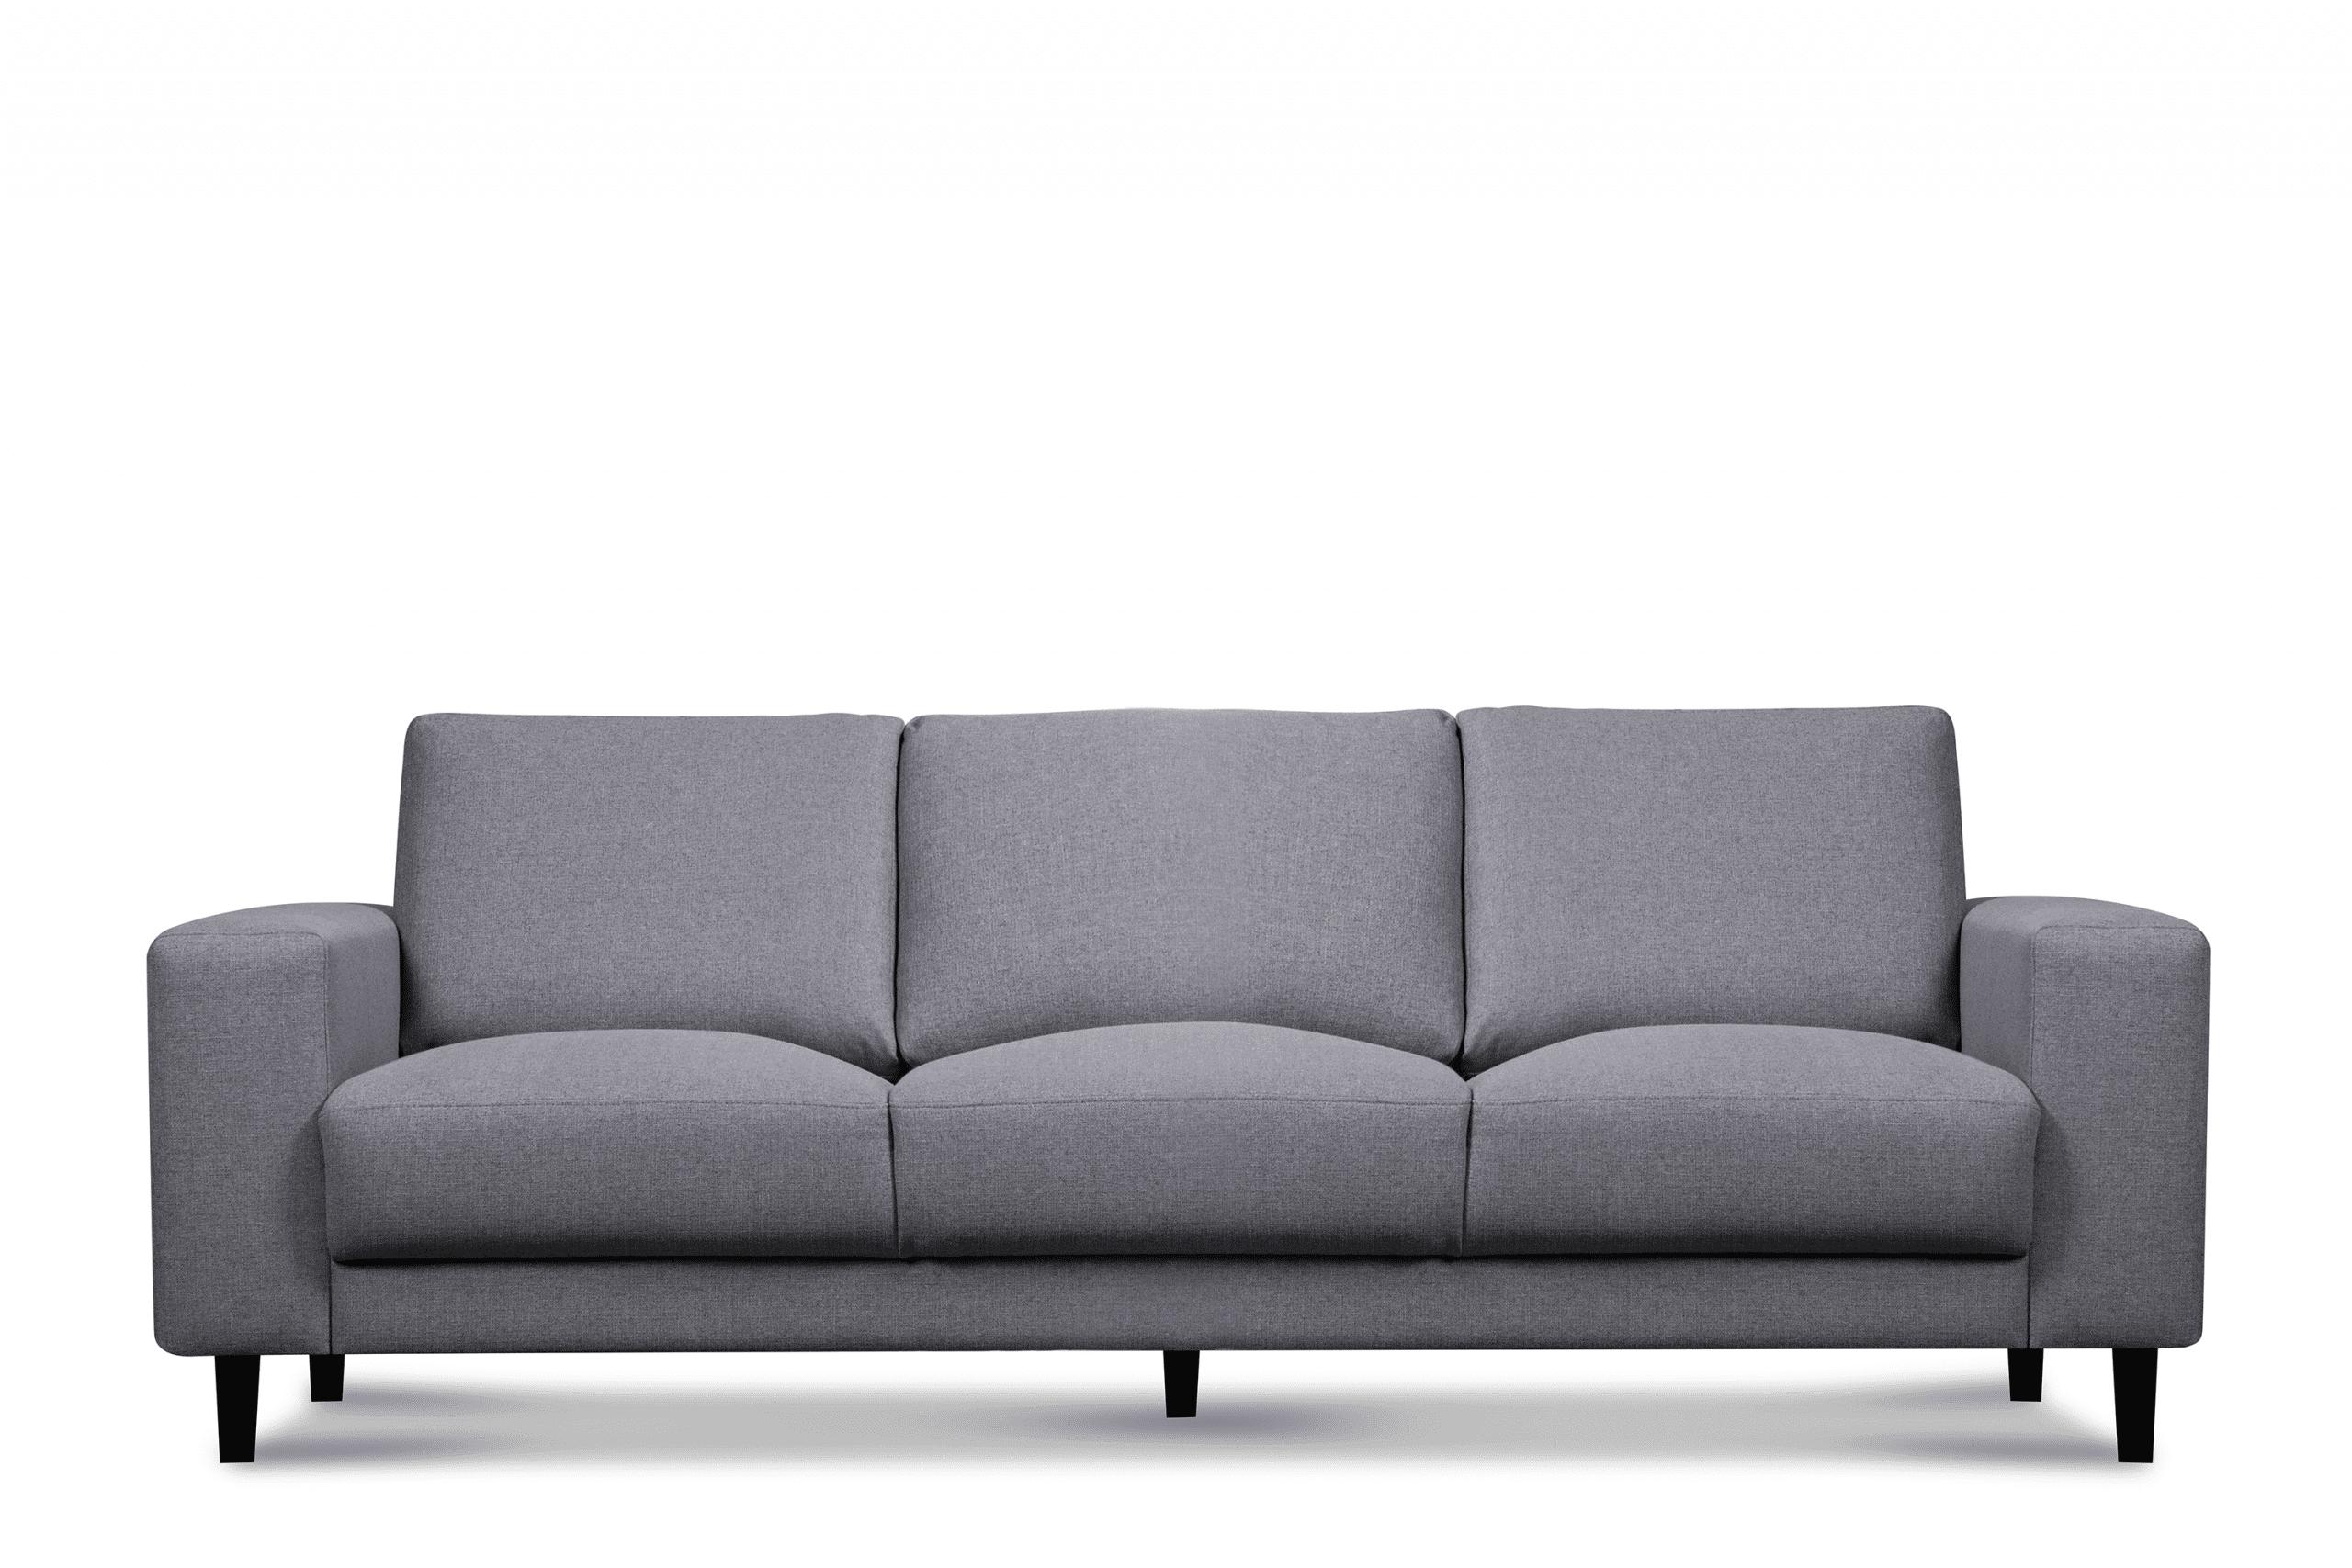 Nowoczesna sofa trzyosobowa na nóżkach jasnoszara